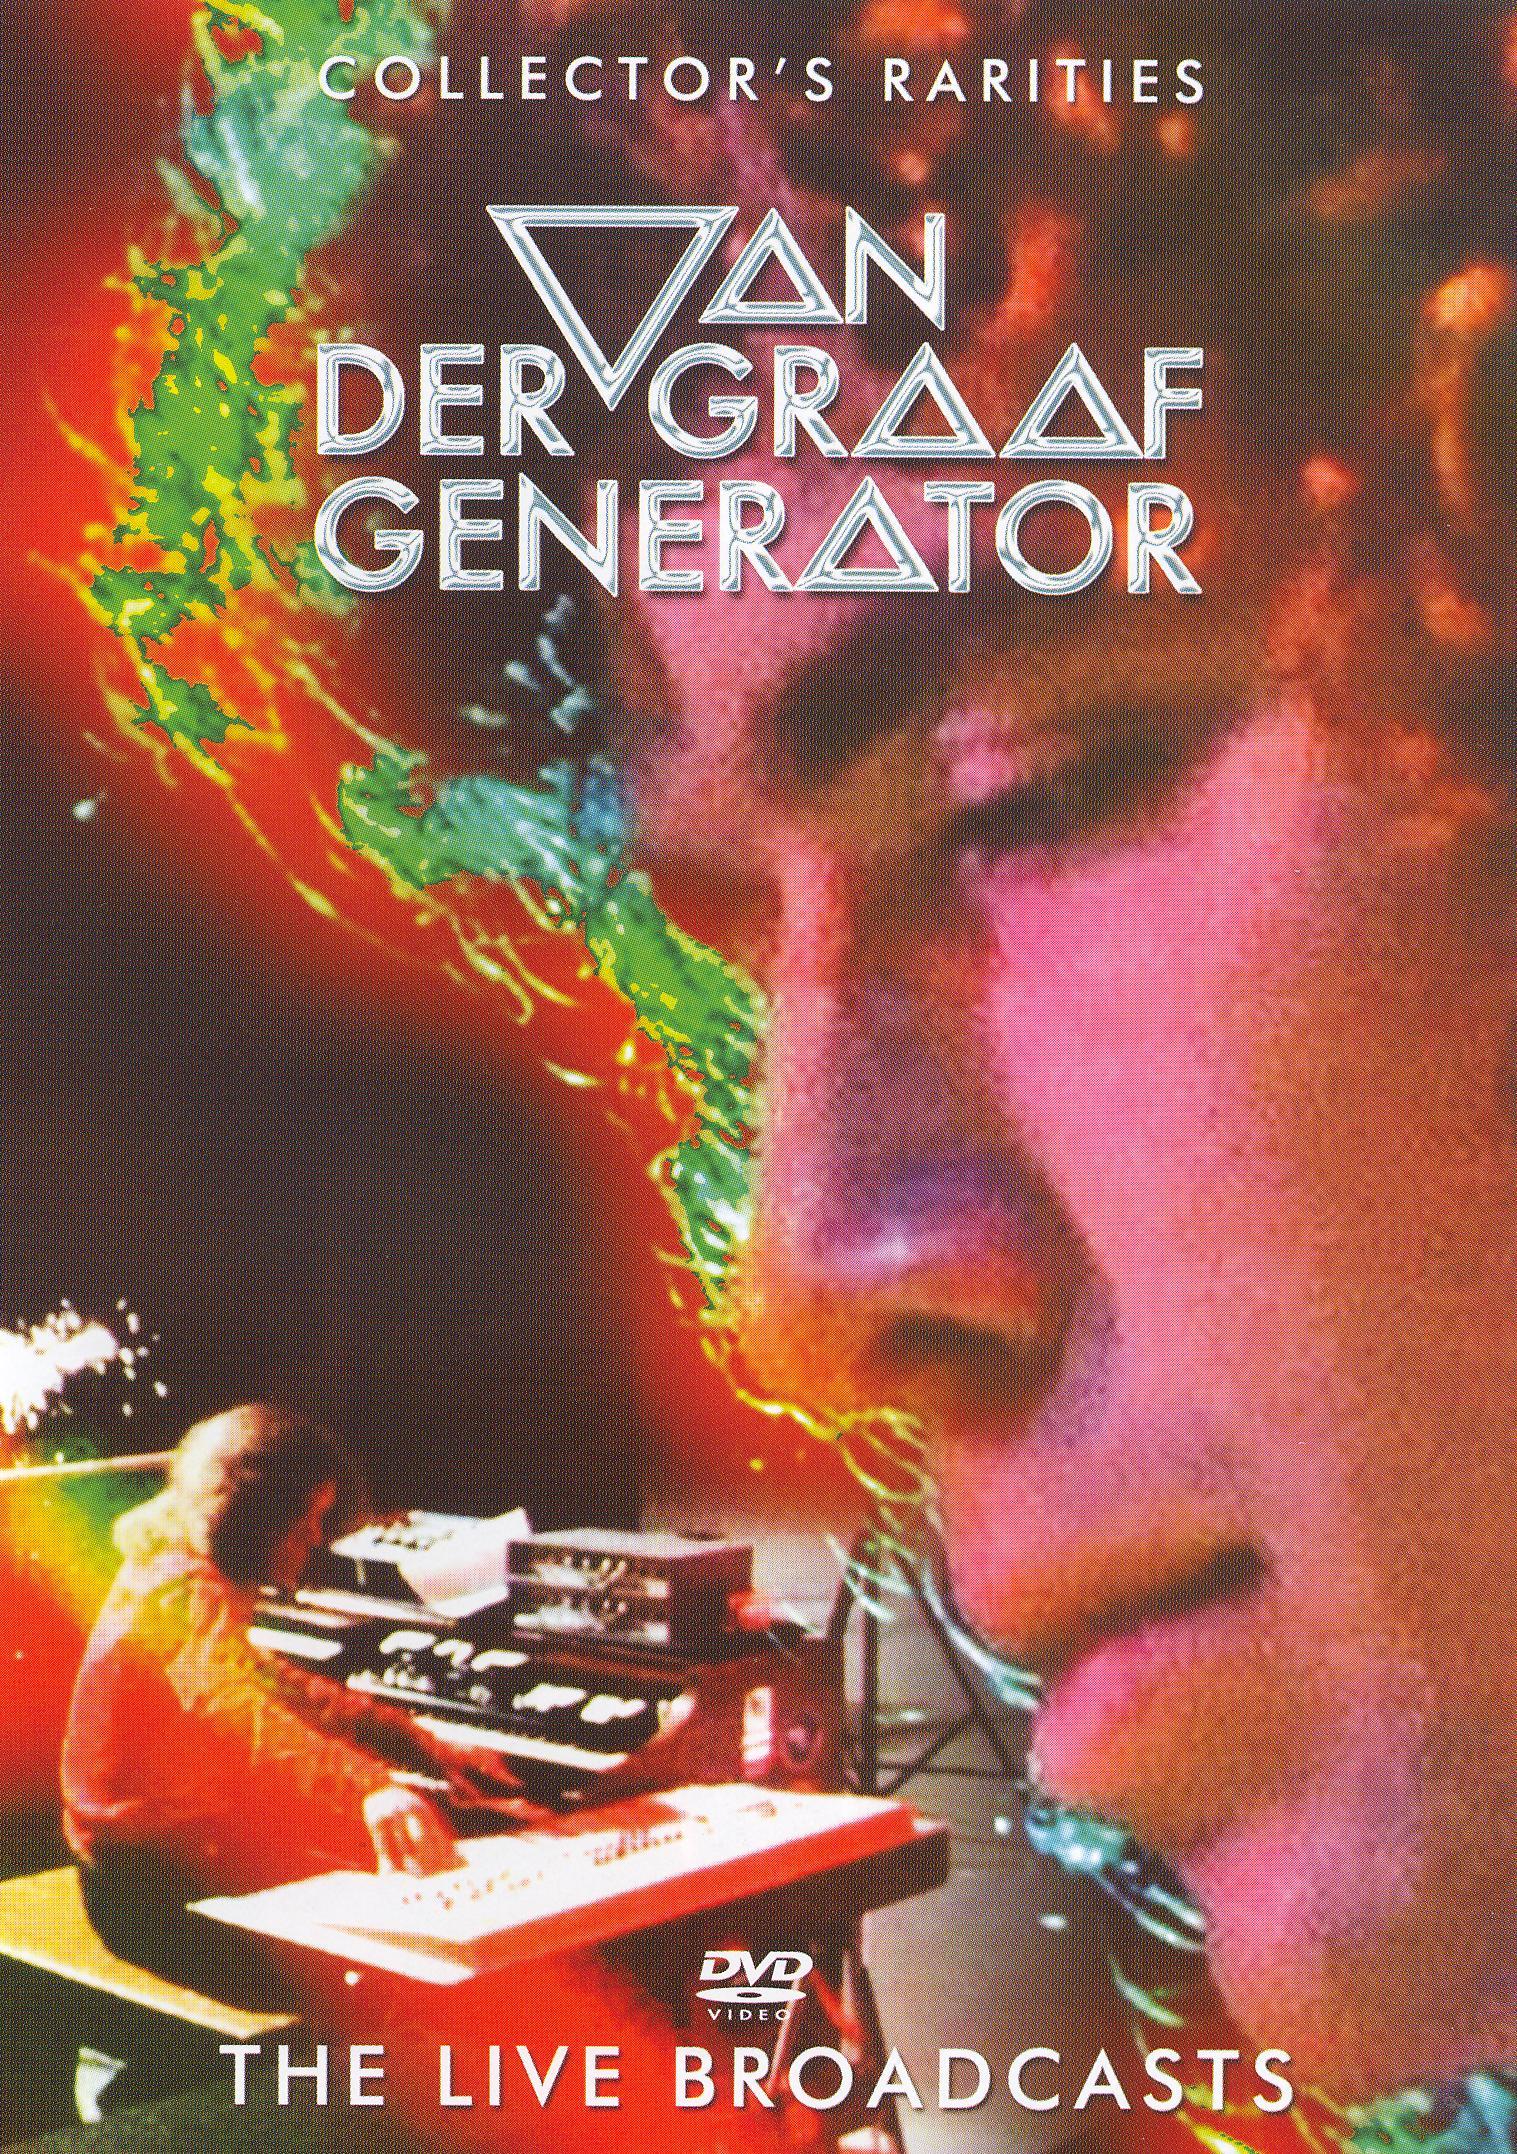 Van der Graaf Generator: Live Broadcasts - Collector's Rarities